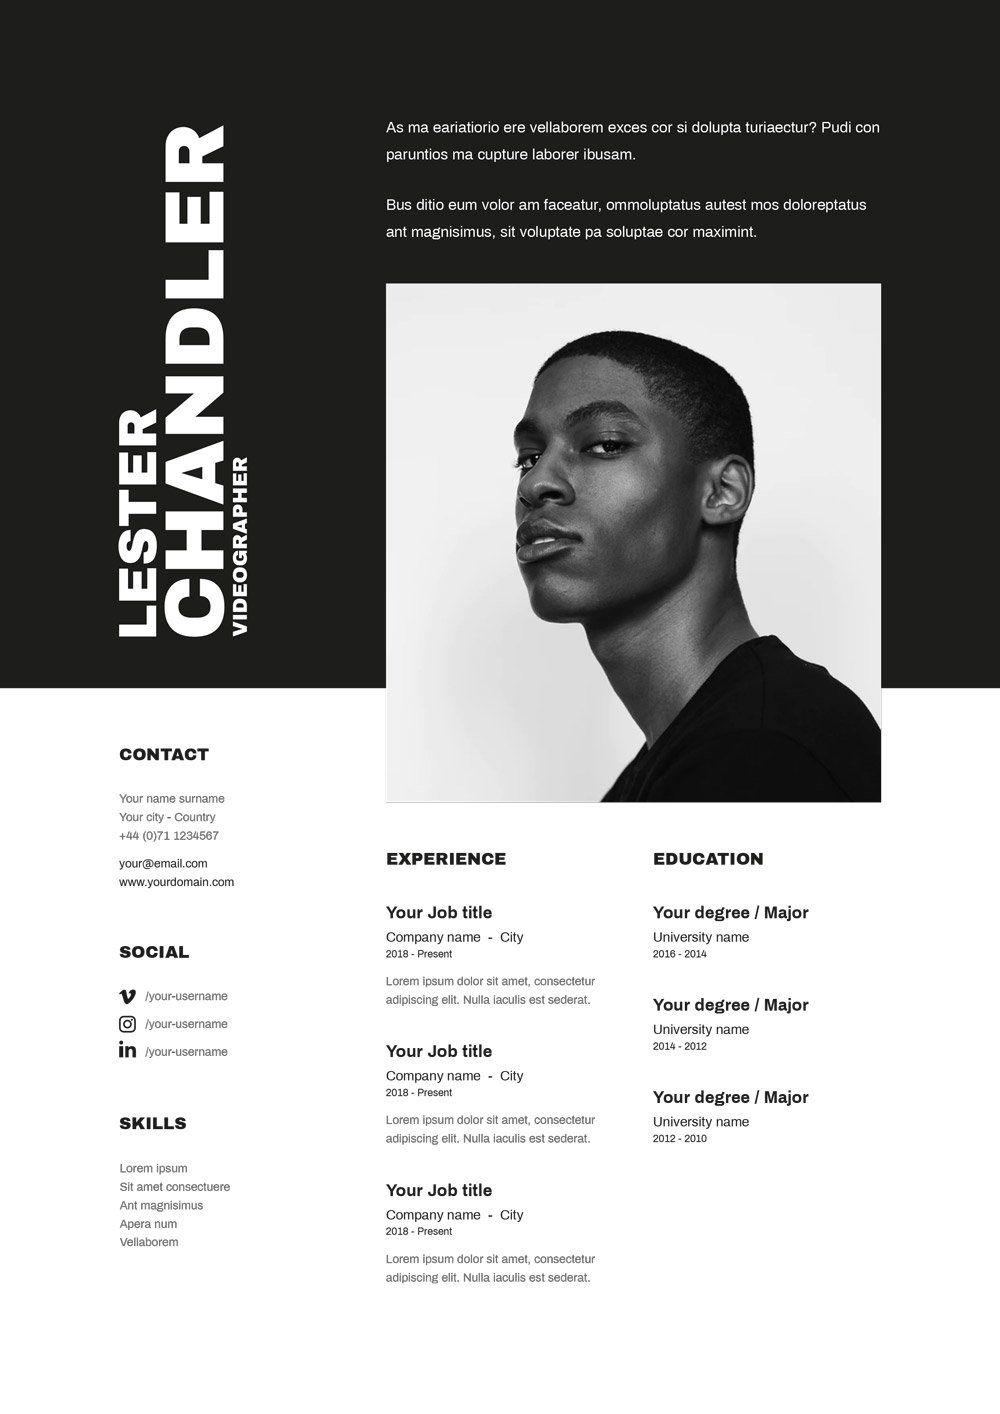 Lester Cv Resume Template Cv Resume Template Resume Template Resume